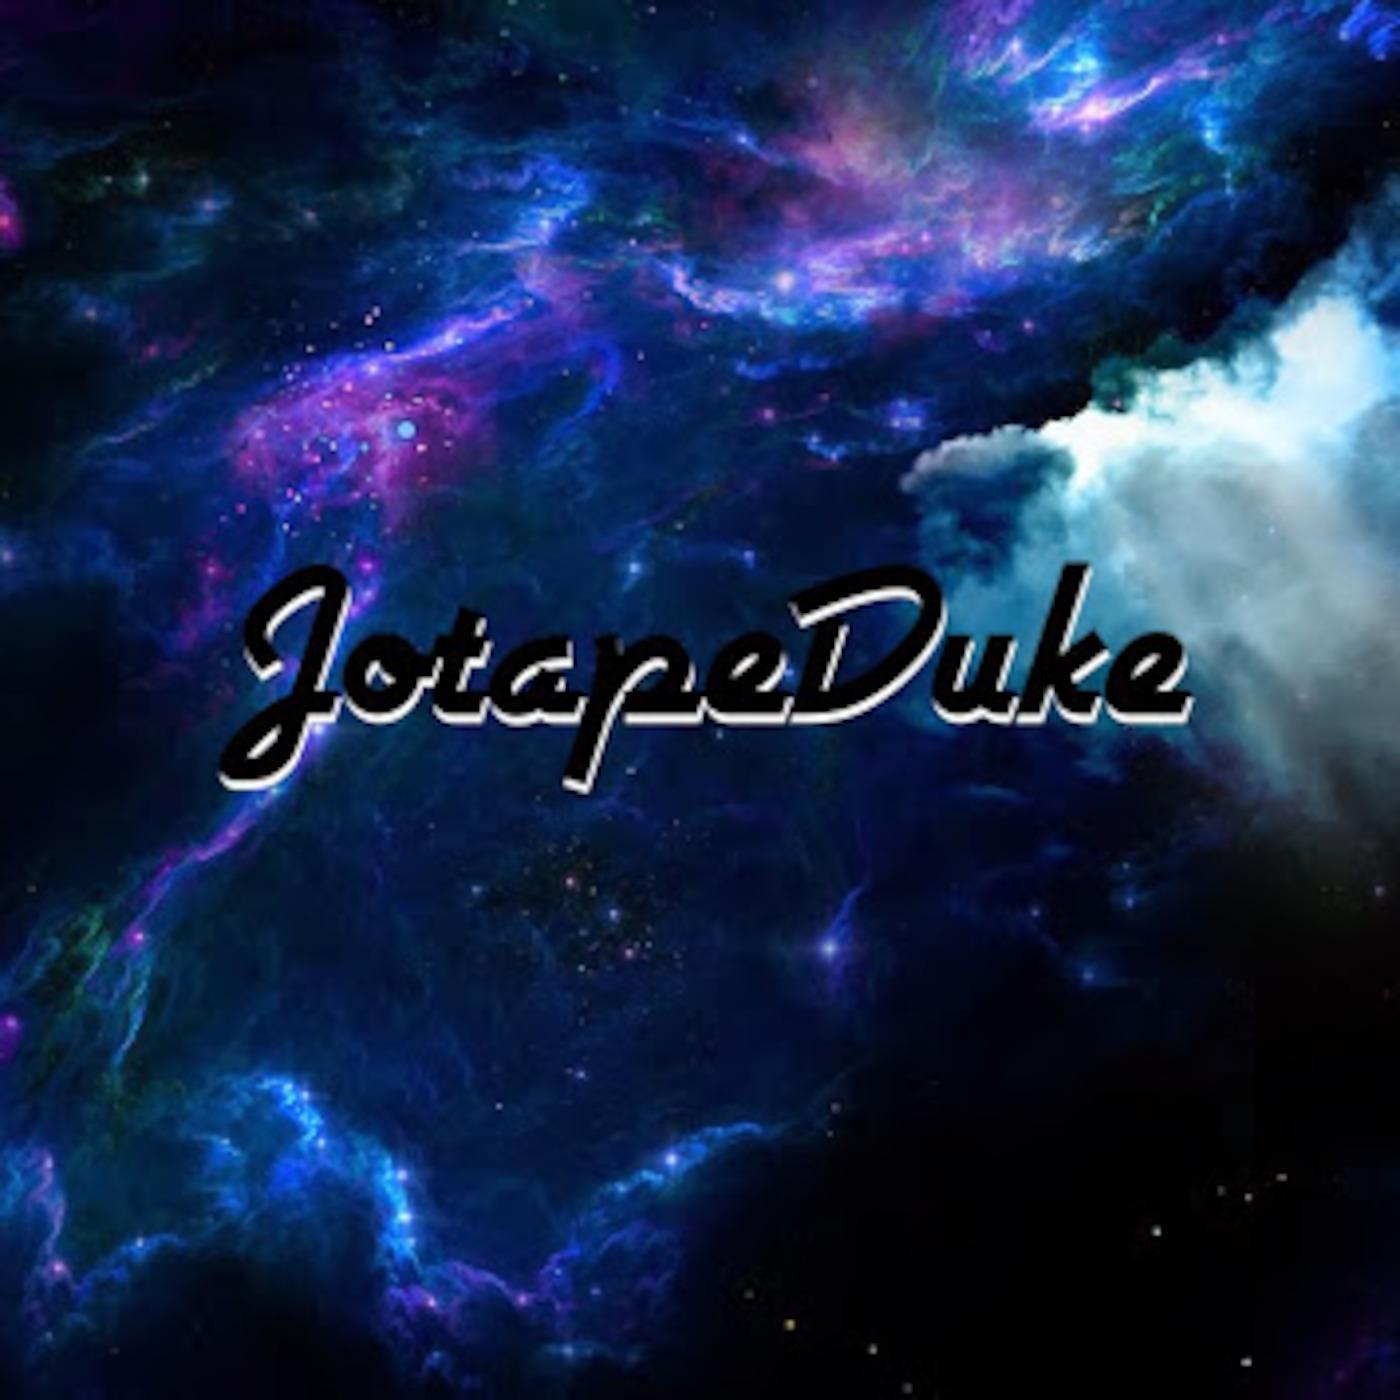 JotapeDuke